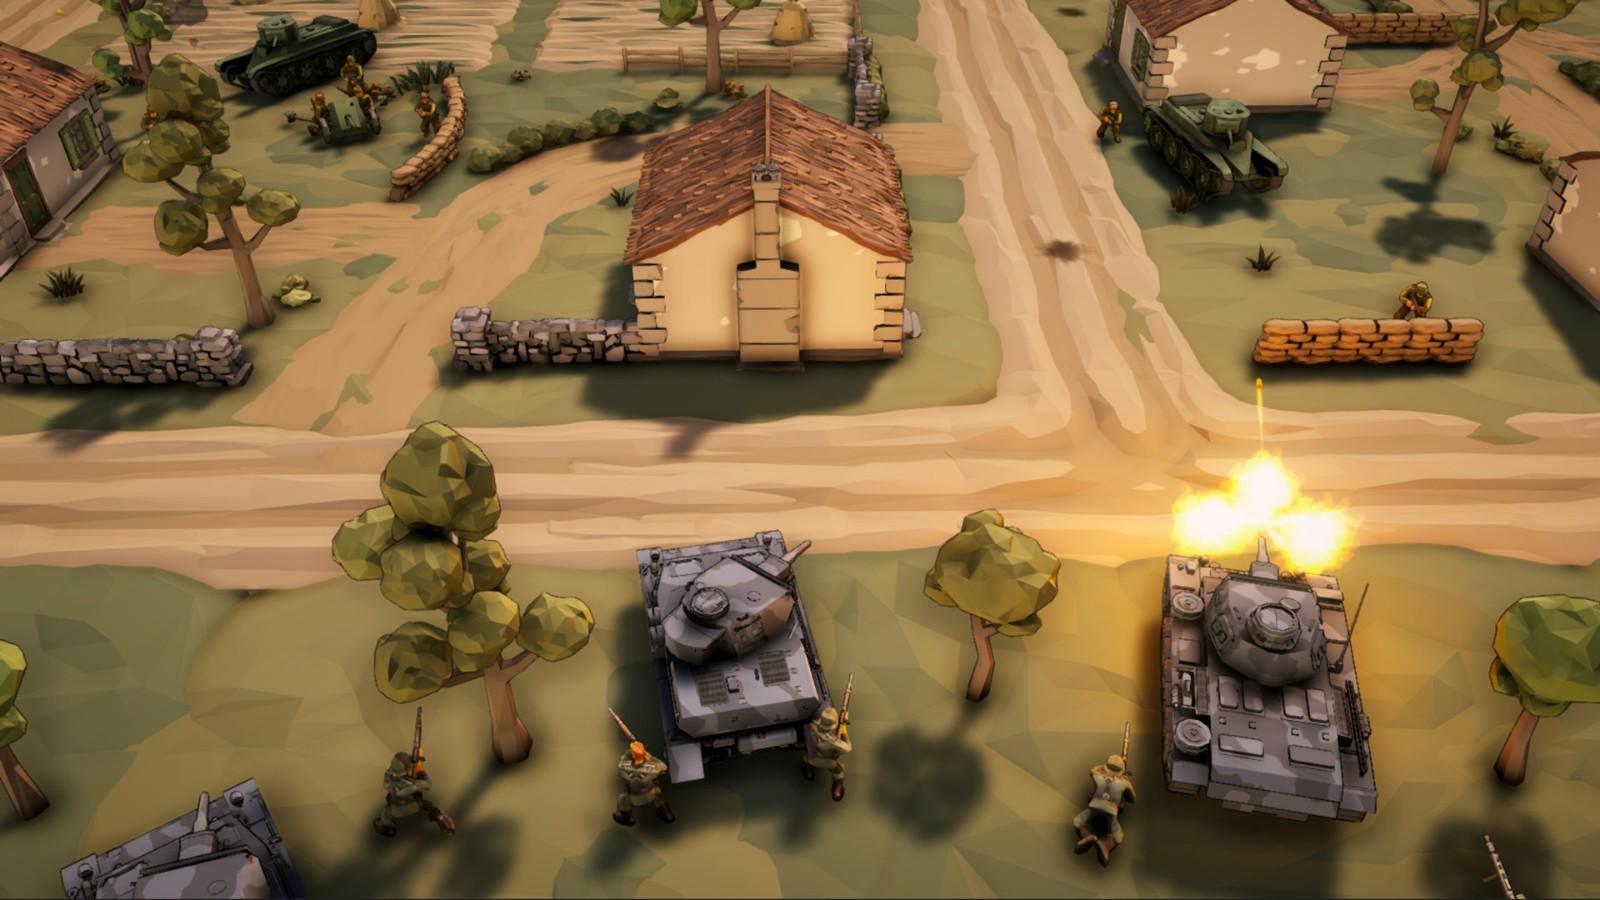 国产二战游戏《卫国战争》上架Steam 集结队伍战斗